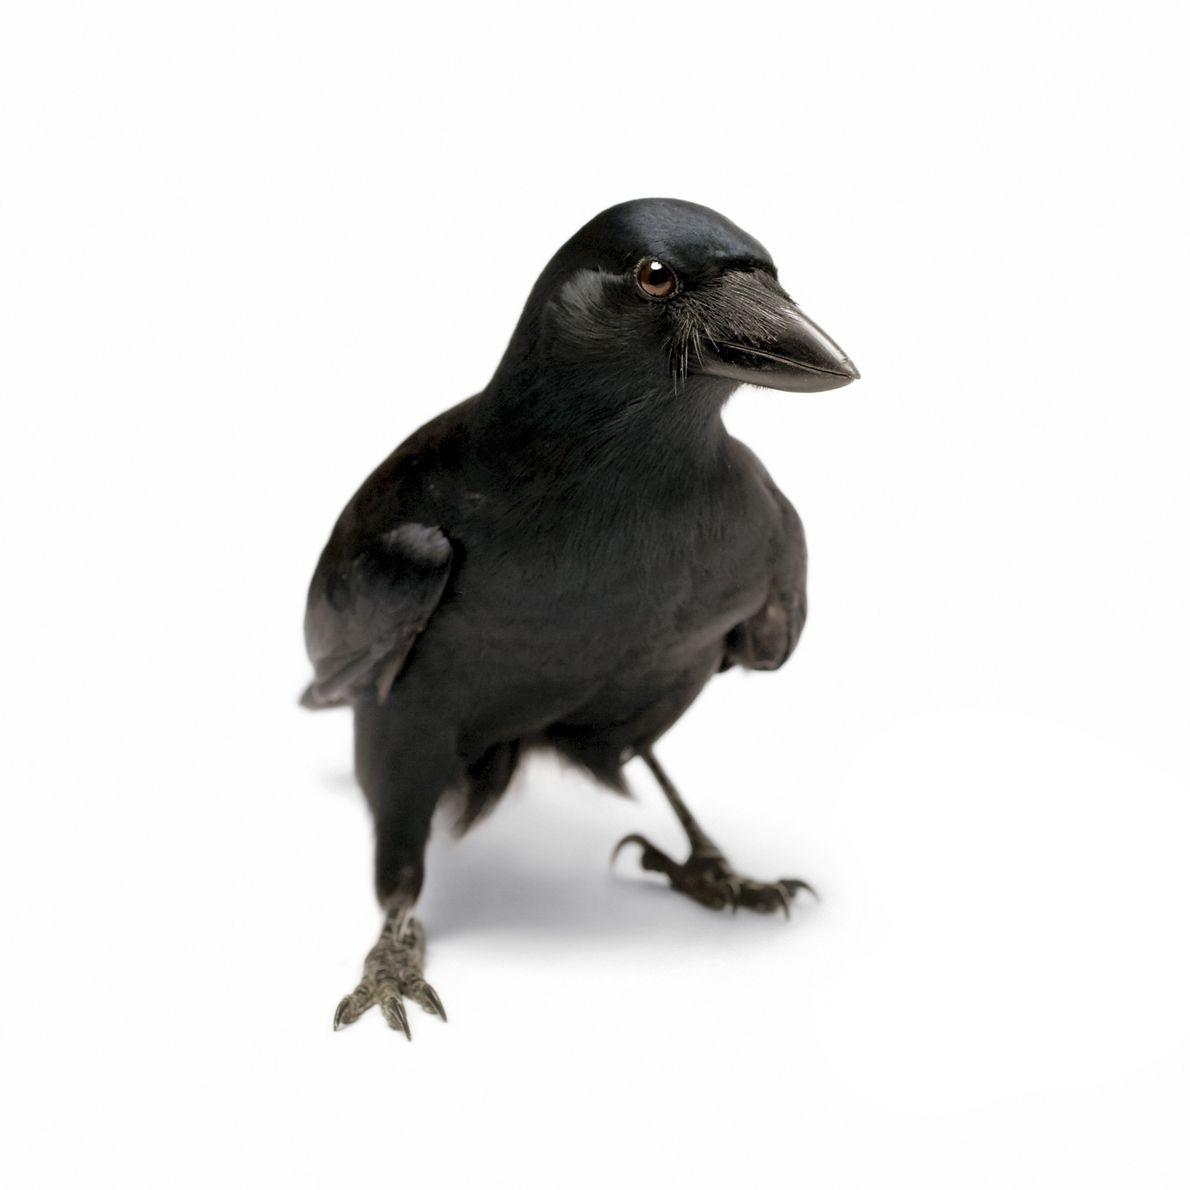 Talentosos construtores de ferramentas (eles transformam gravetos em ganchos para cavar, por exemplo) corvos da Nova ...